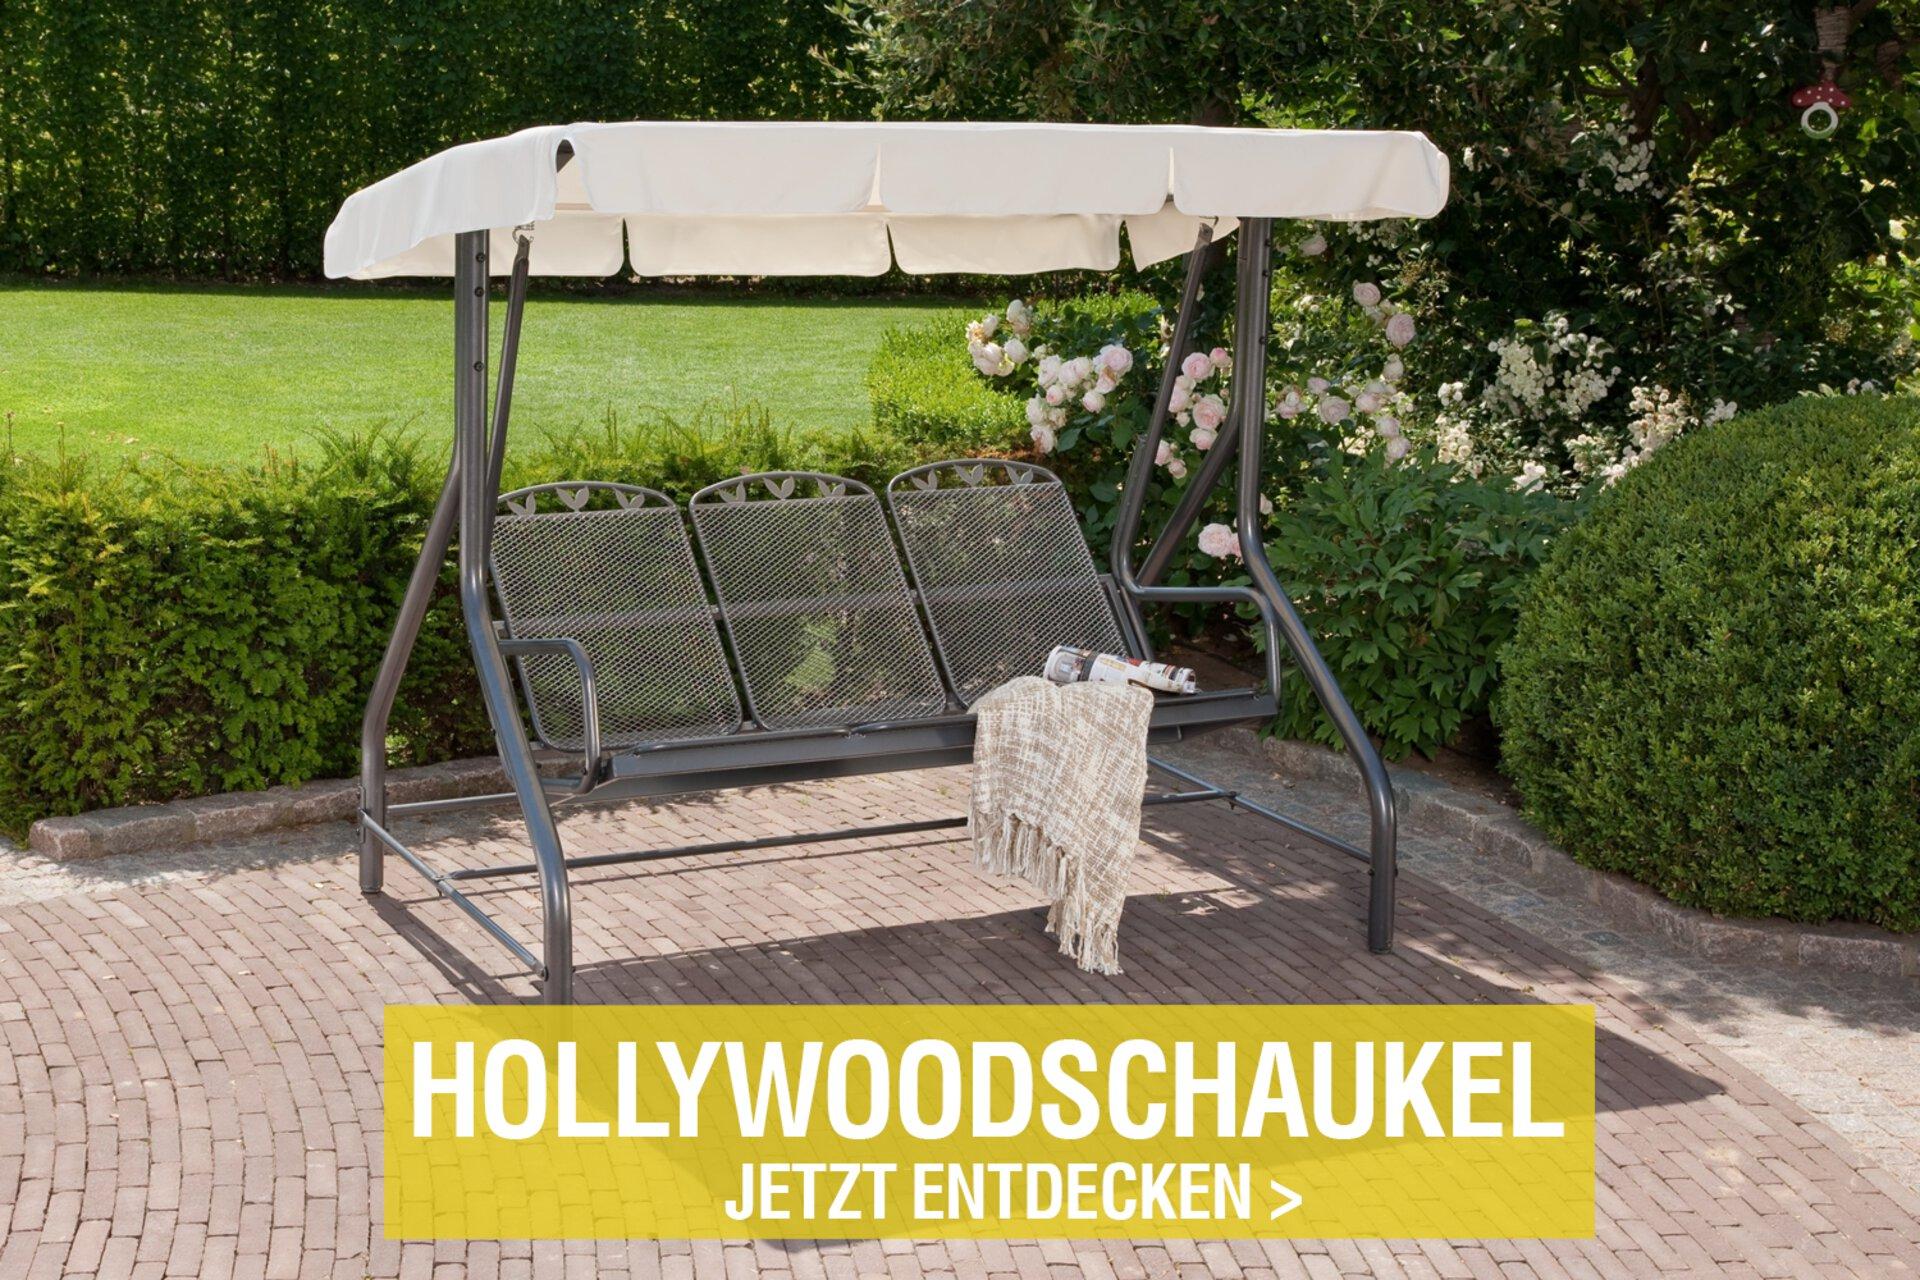 Titelbild Hollywoodschaukel